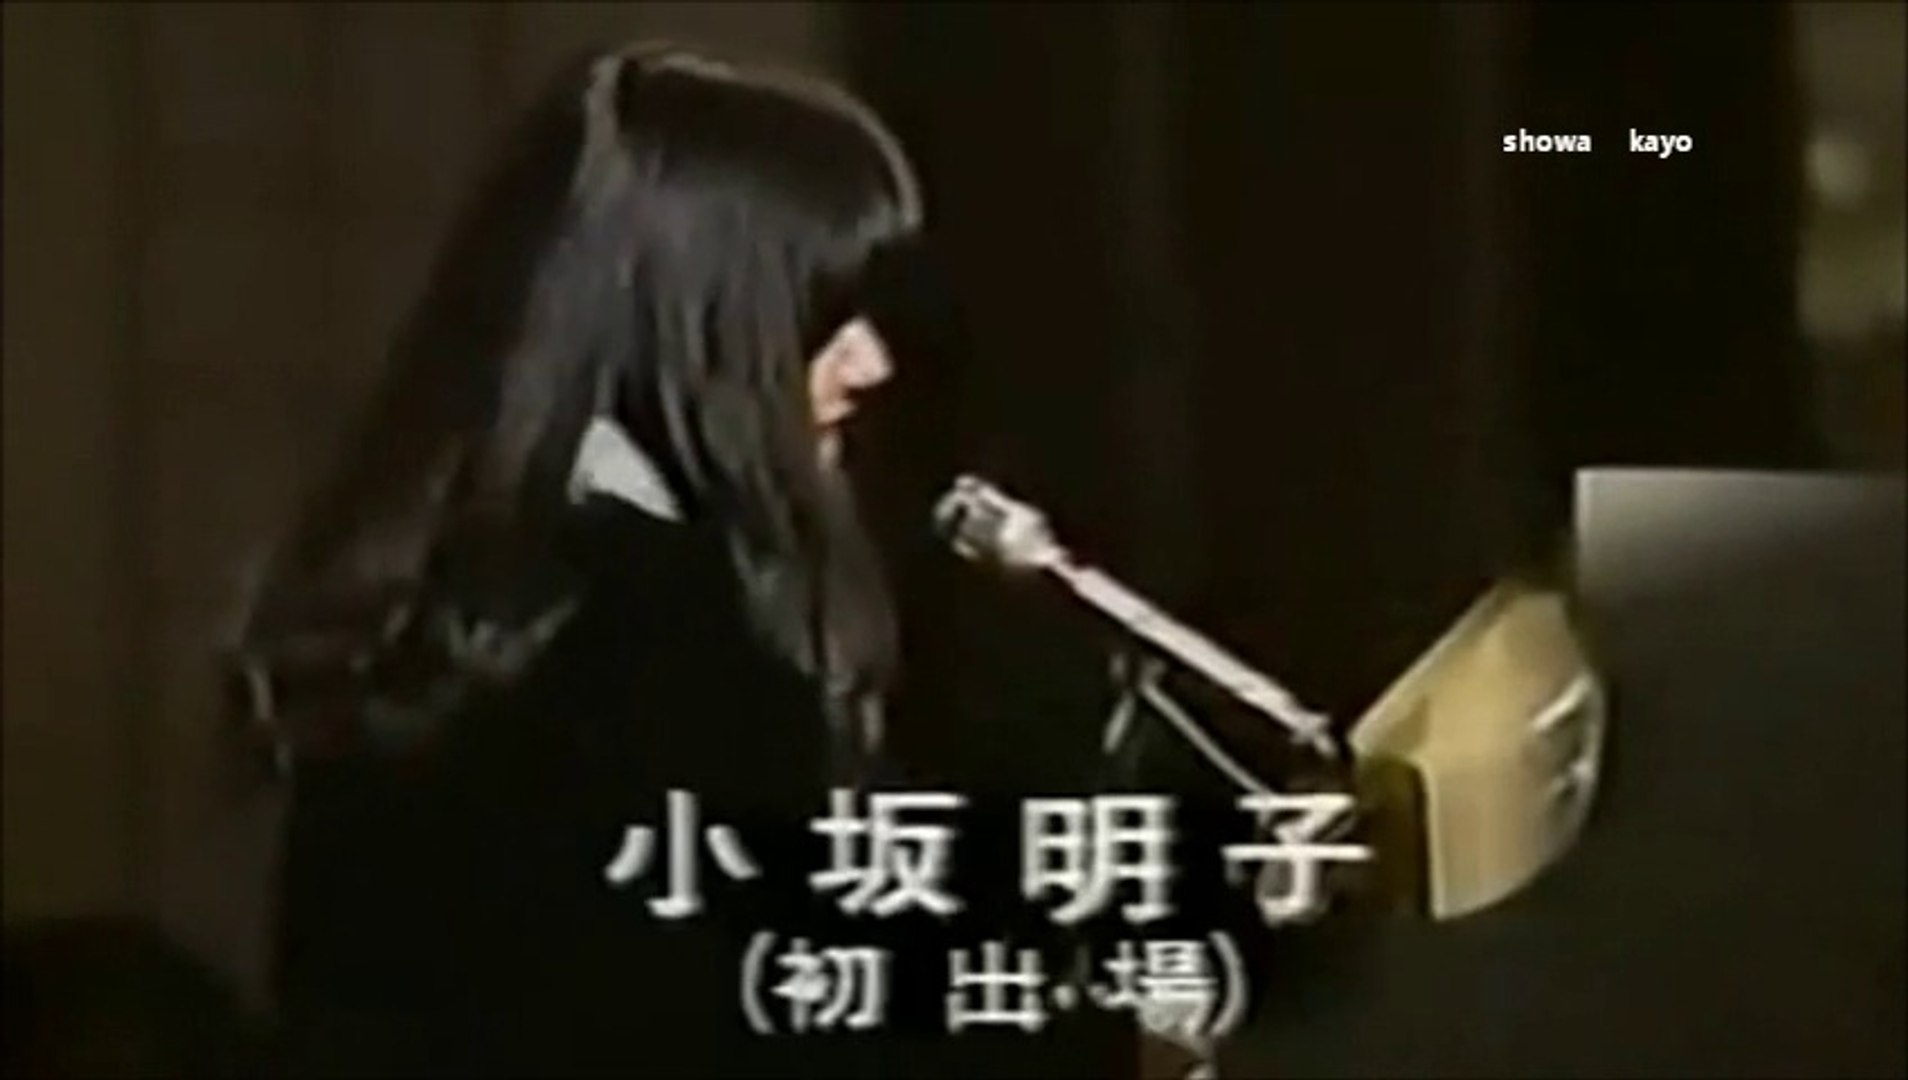 あなた 小坂 明子 小坂明子 - Wikipedia